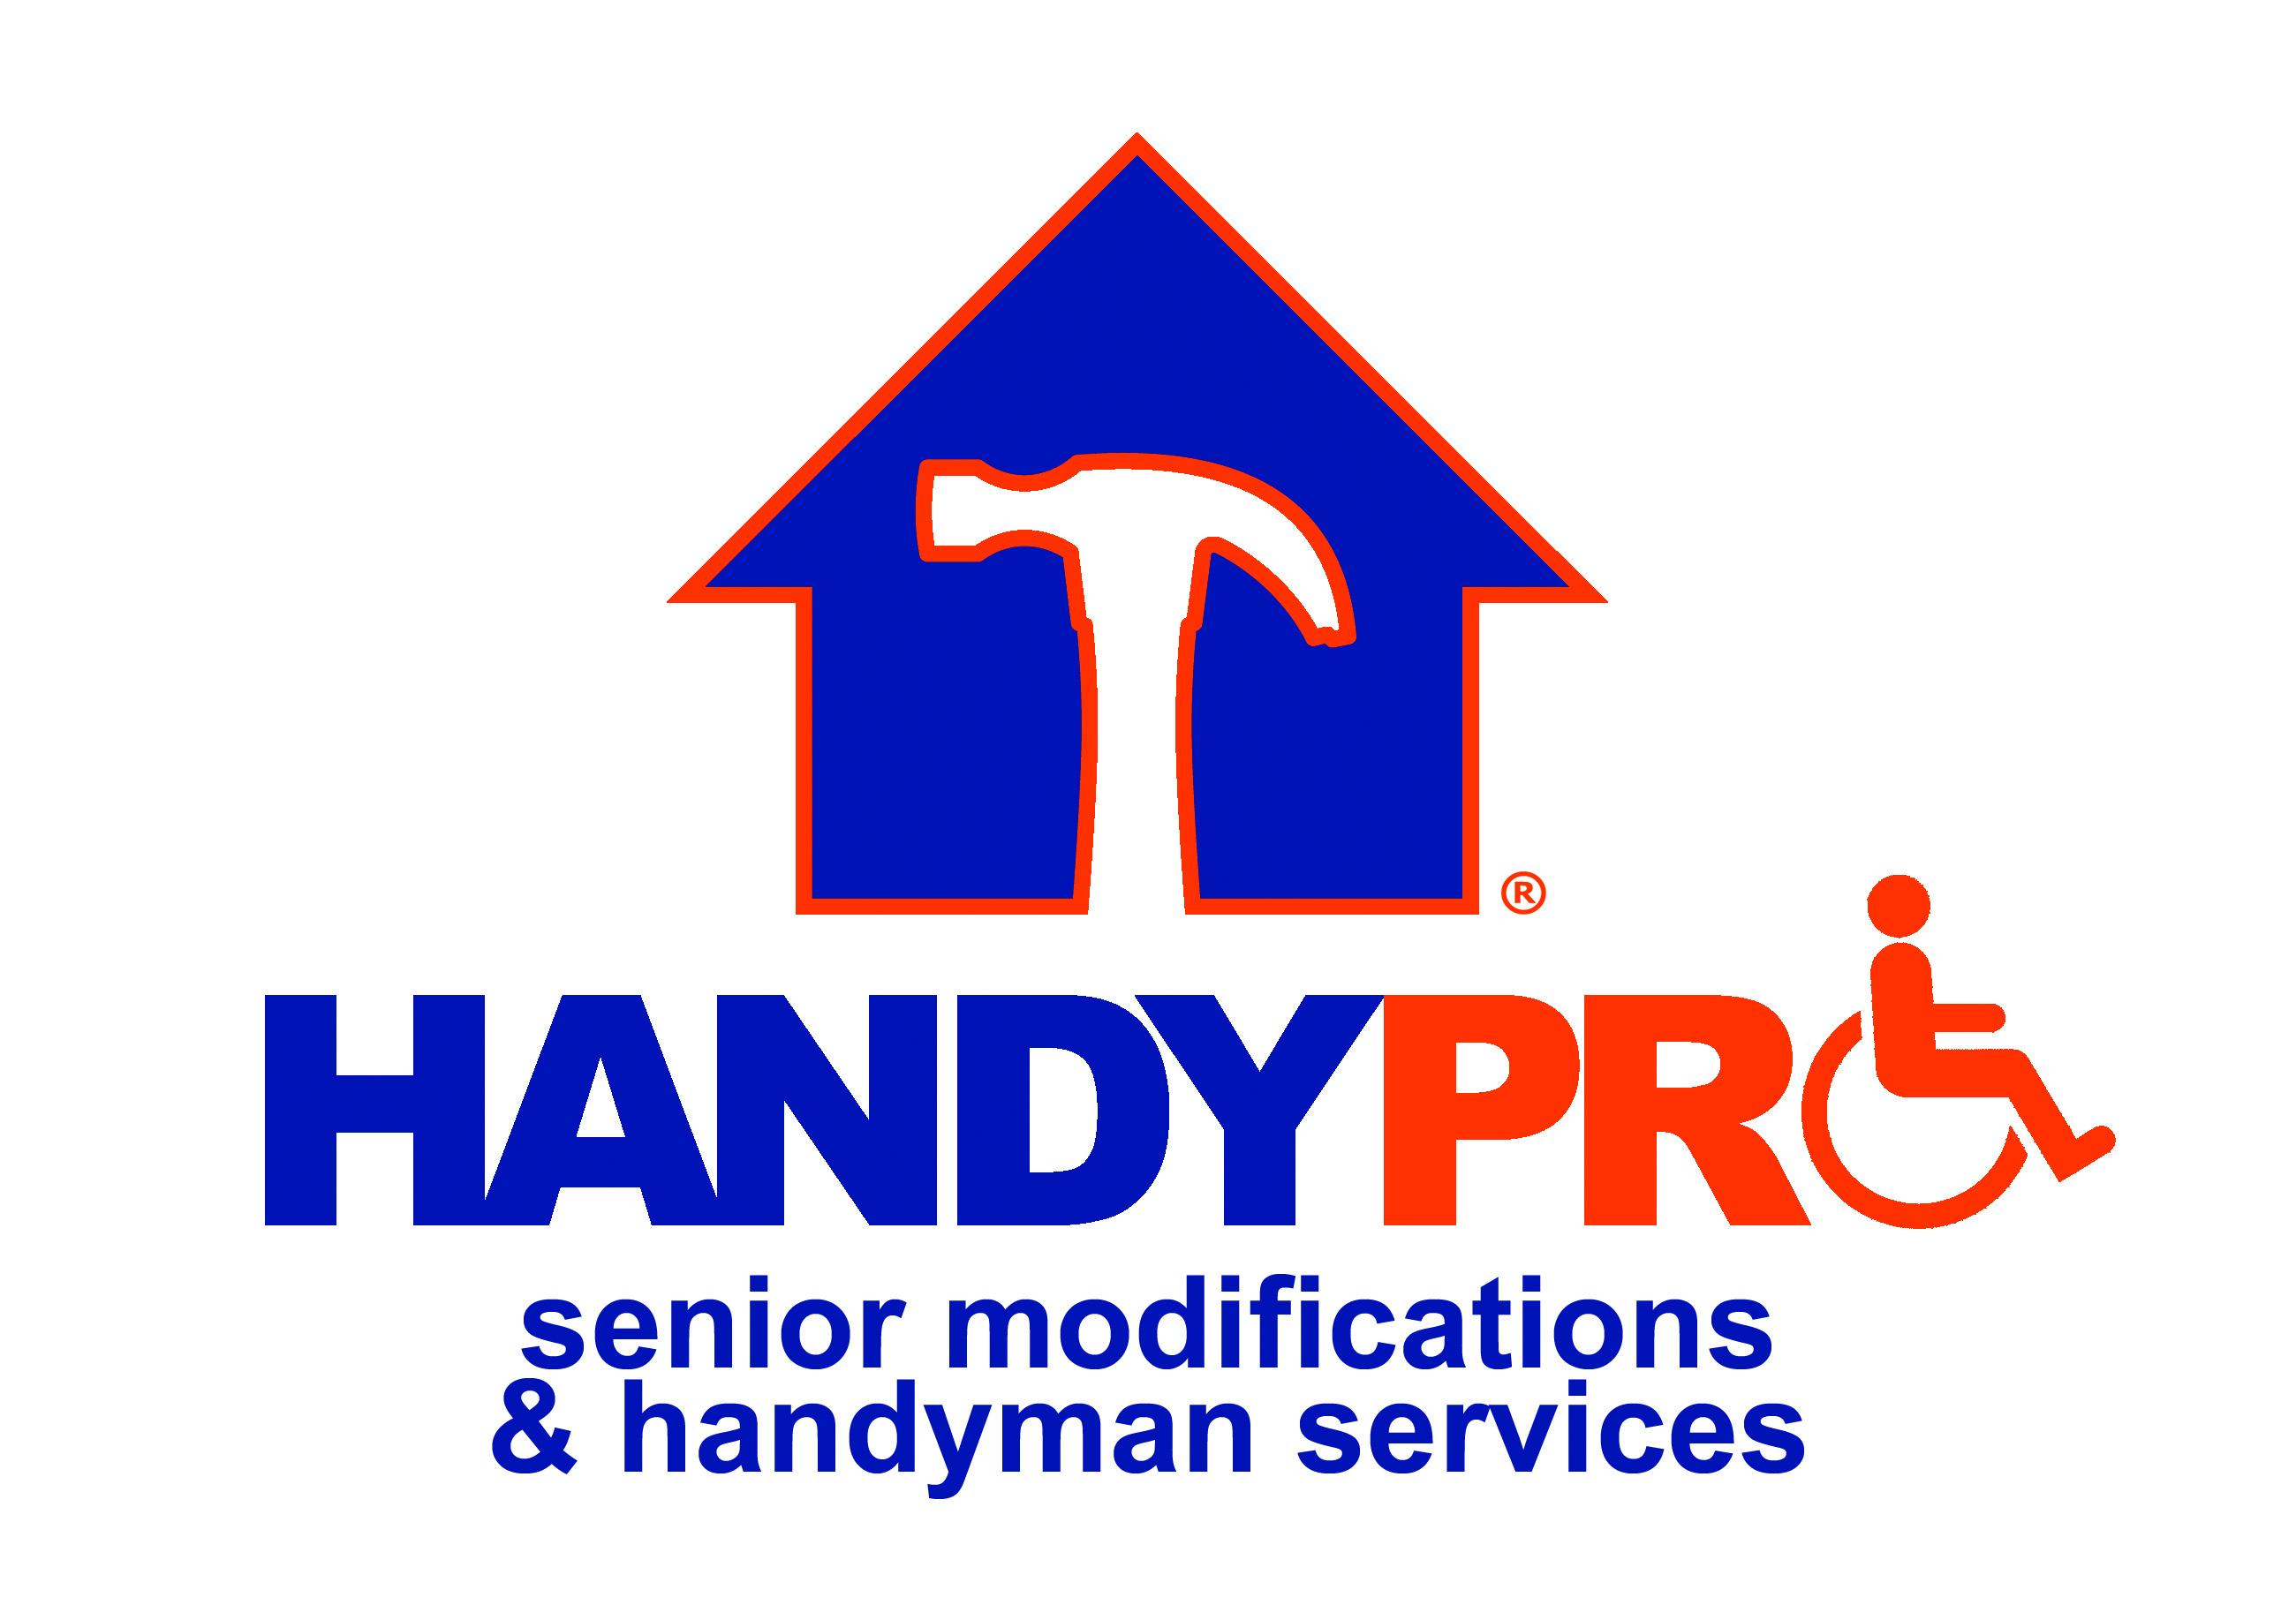 handypro international named to inc 500 list. Black Bedroom Furniture Sets. Home Design Ideas